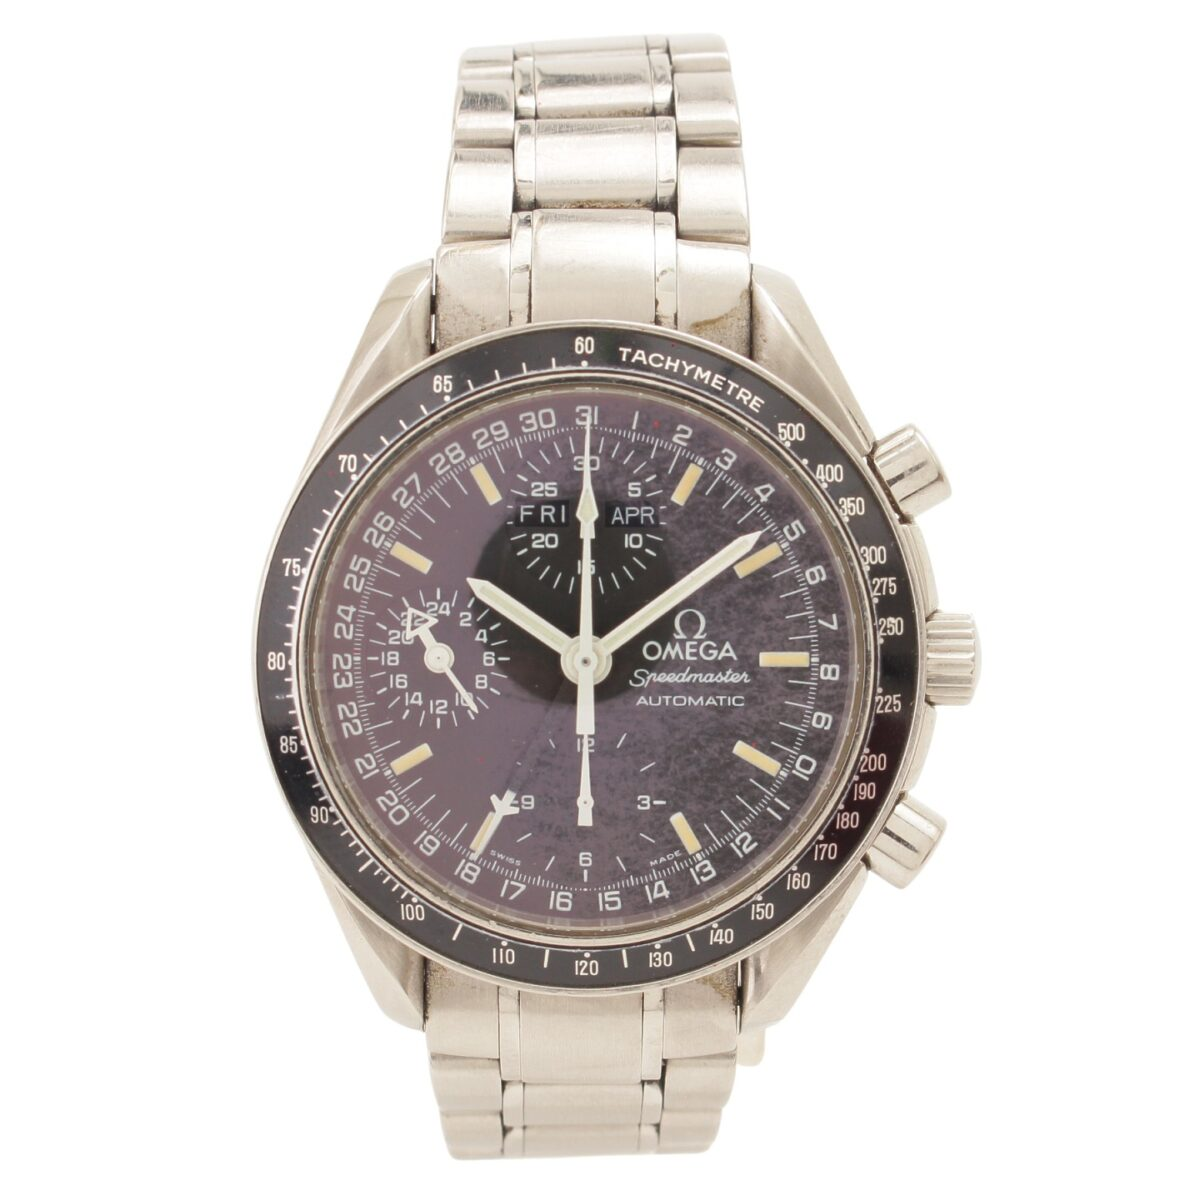 3520.50 スピードマスター マーク40 コスモス 自動巻き 腕時計